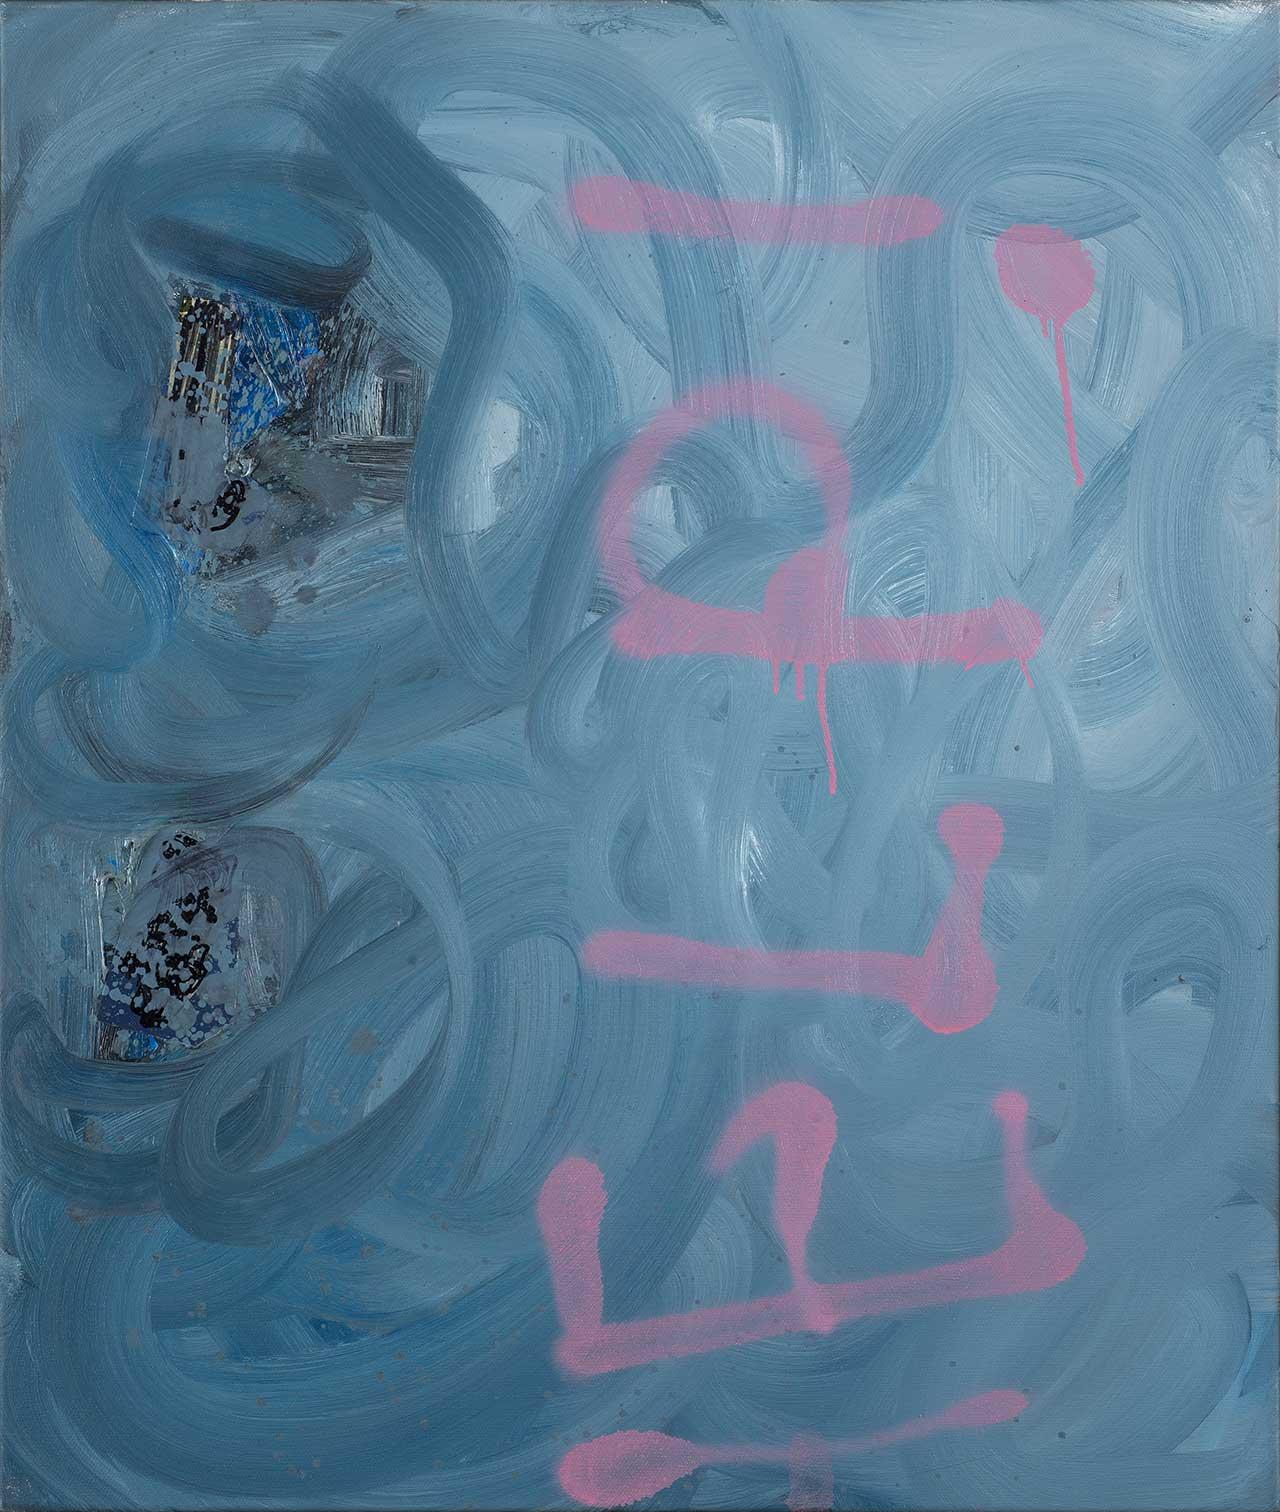 Help, 2011, λάδι σε καμβά, κολάζ, σπρέι, 70x60 εκ.